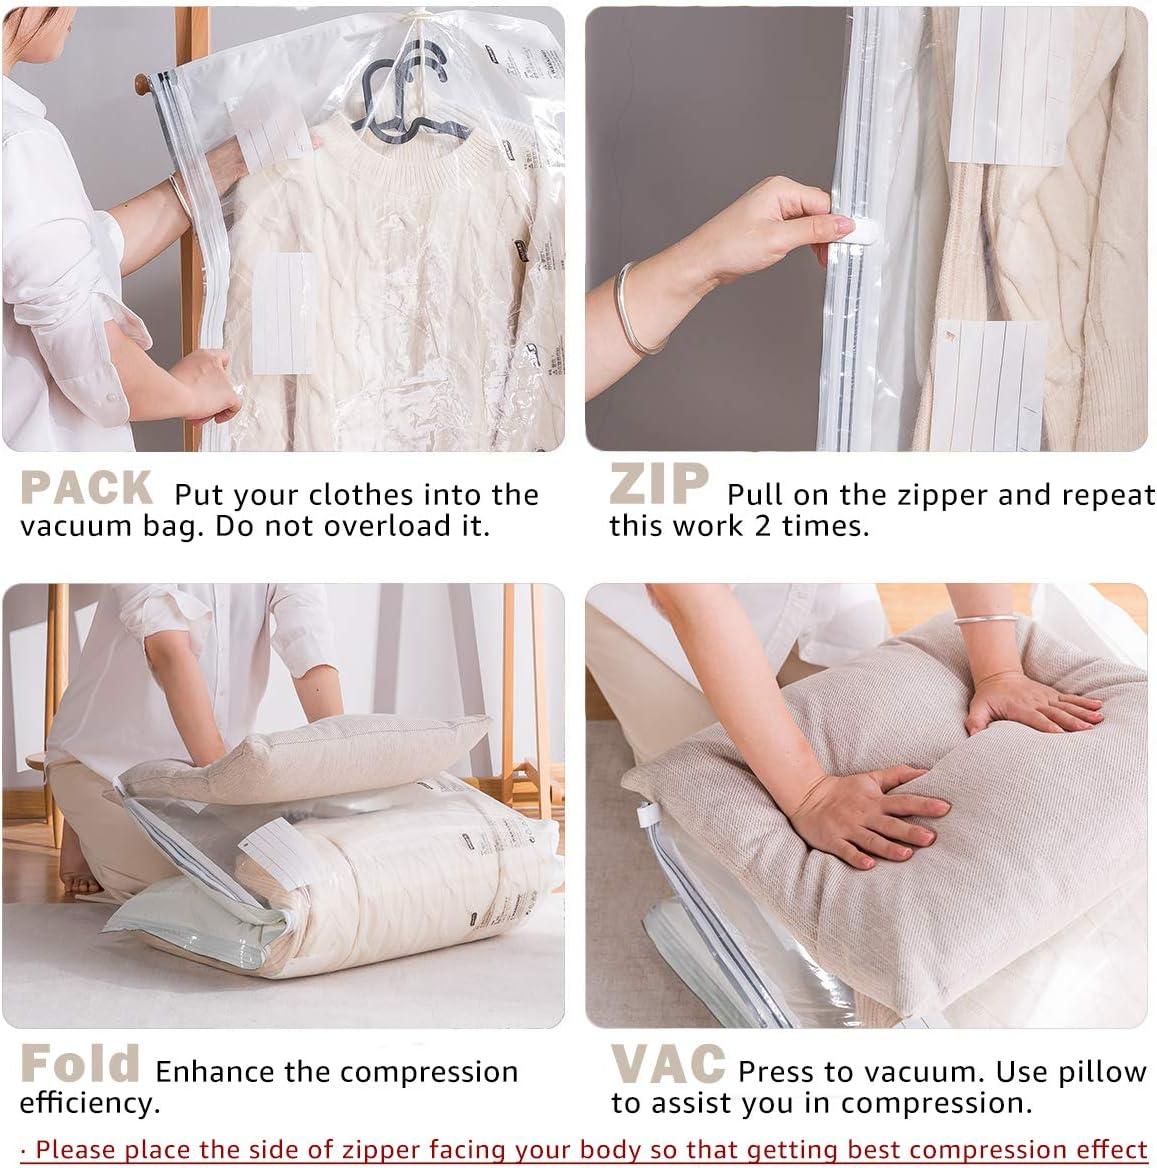 Kleiderschutz-Organizer Ideal f/ür Kleidung Anz/üge Hi Storage H/ängende Vakuum Aufbewahrungsbeutel( 2 St/ück 135 x 70 cm /& 2 St/ück105 x 70 cm ) 5-Ringen-Design Jacken Kleider